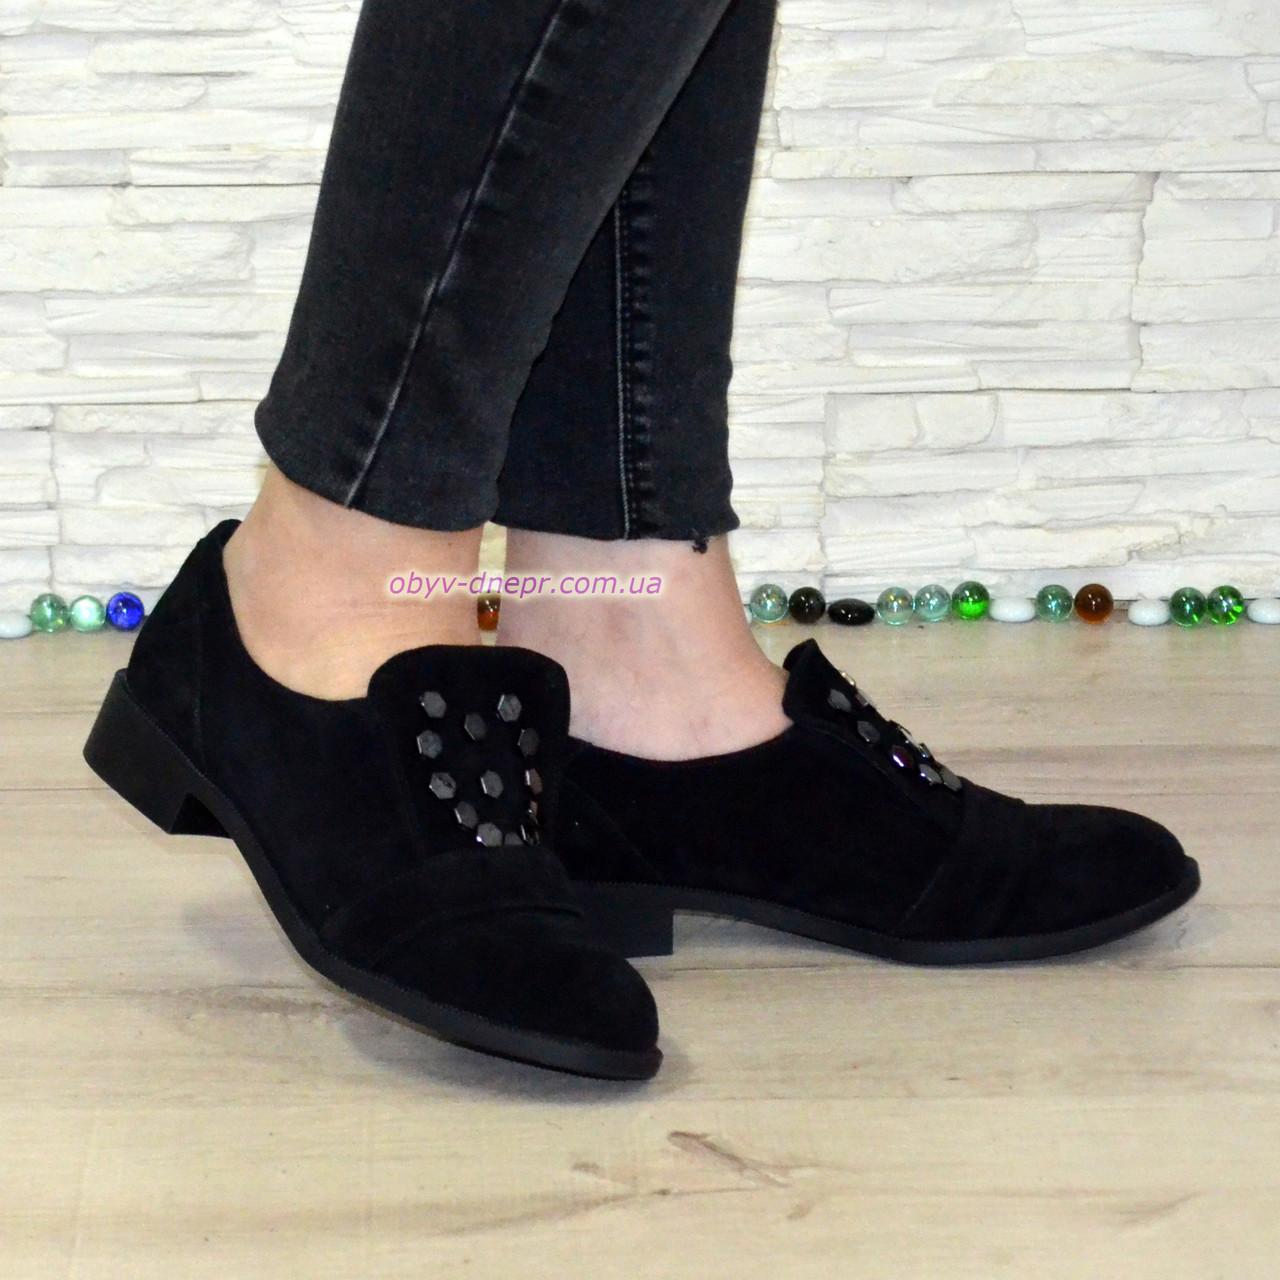 Жіночі замшеві туфлі на низькому ходу, декоровані фурнітурою